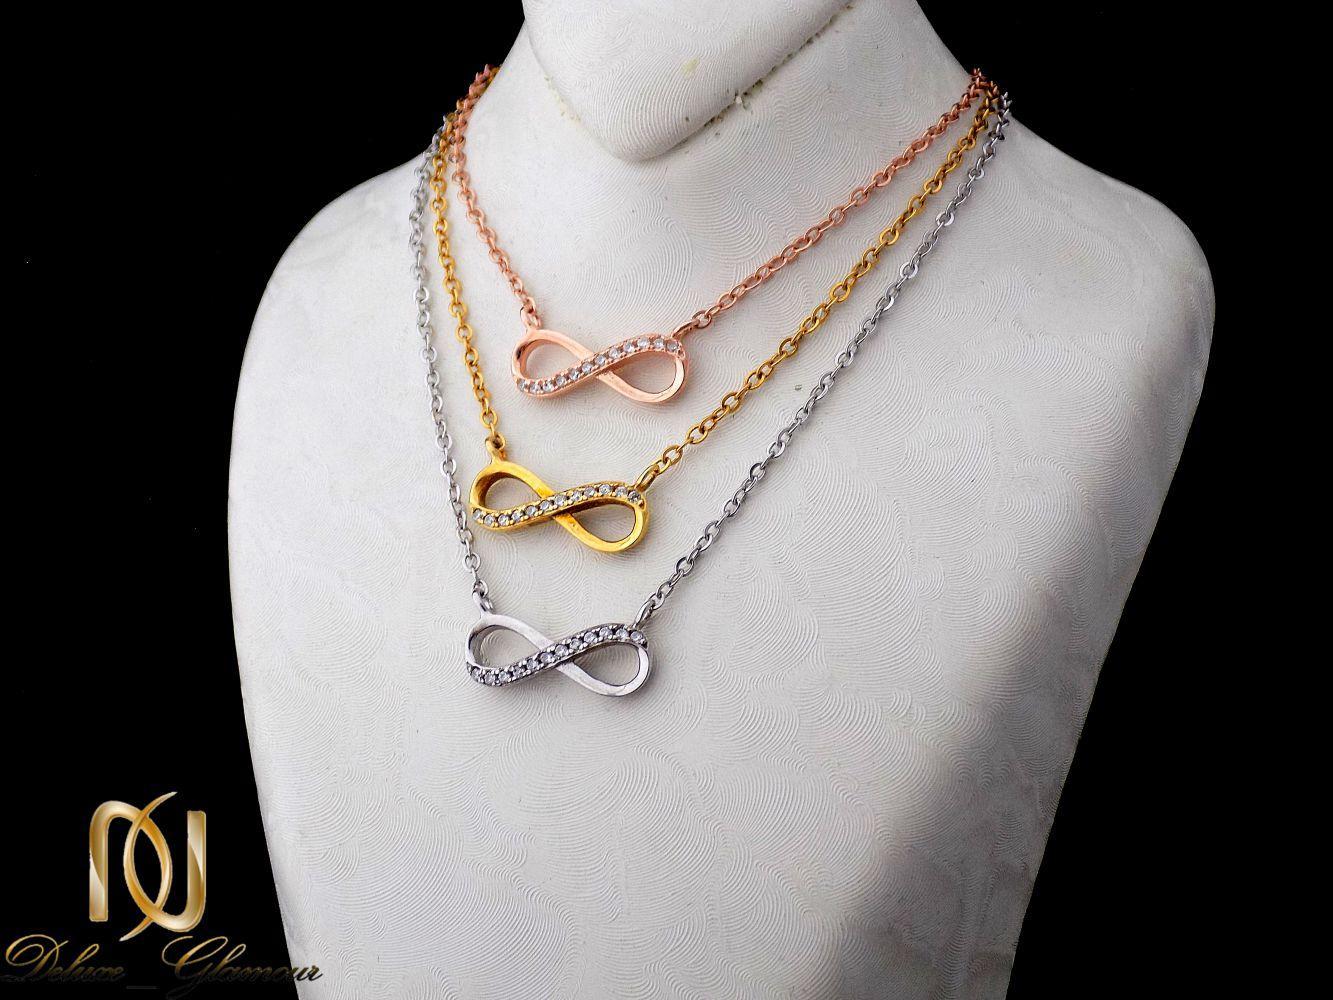 گردنبند نقره دخترانه سه رنگ و سه ردیفه طرح بینهایت Nw-n251 - روی مانکن